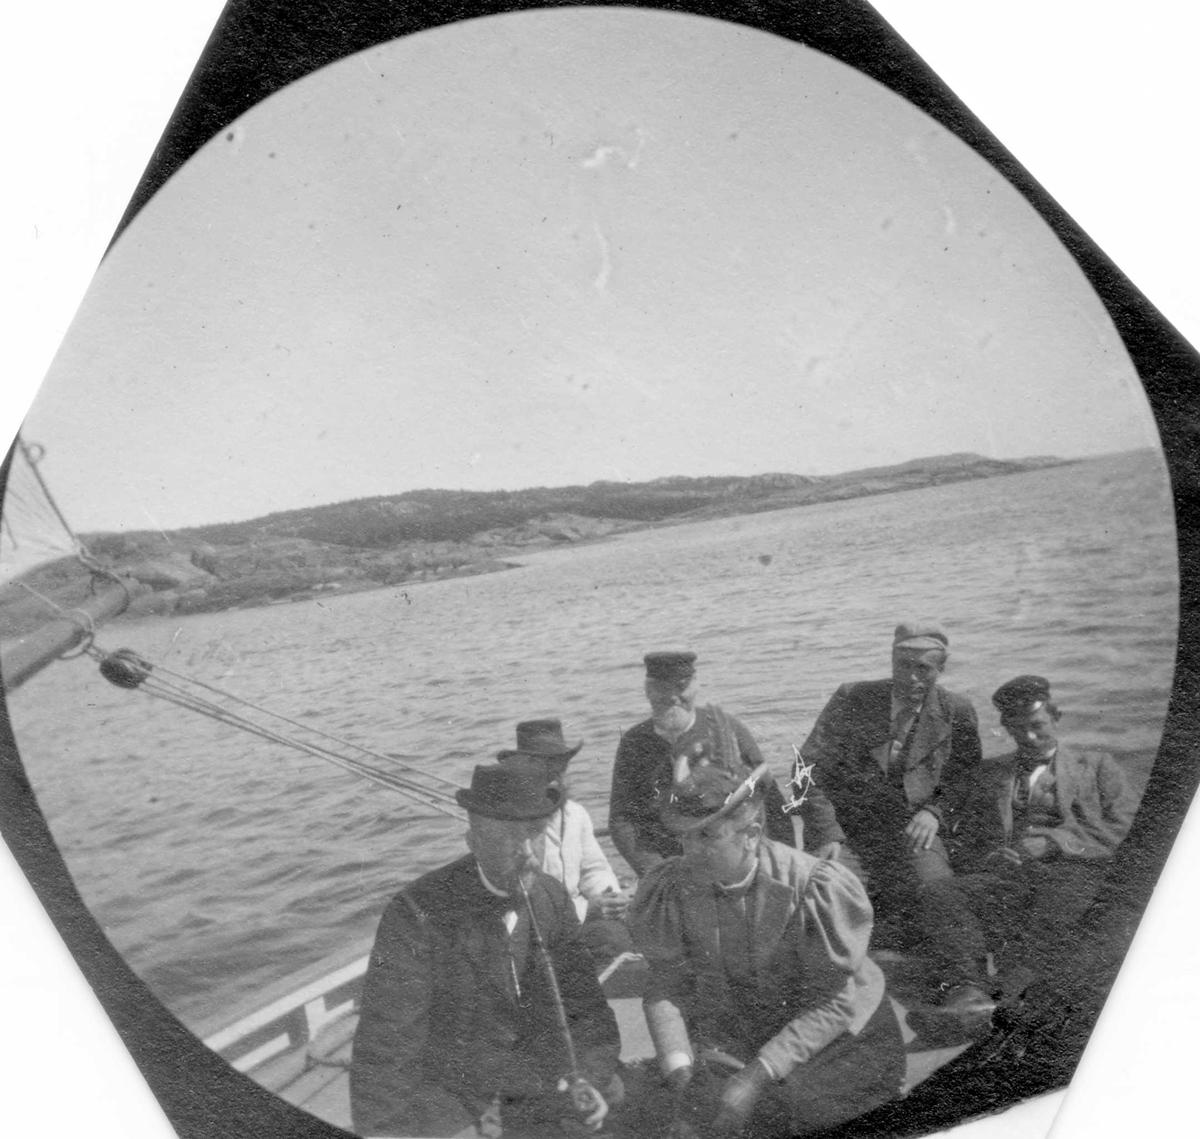 Fra botanisk ekskursjon med professor Blytt ved Ula, Tjølling, Vestfold. Mennesker ombord i seilbåt. Land i bakgrunnen.